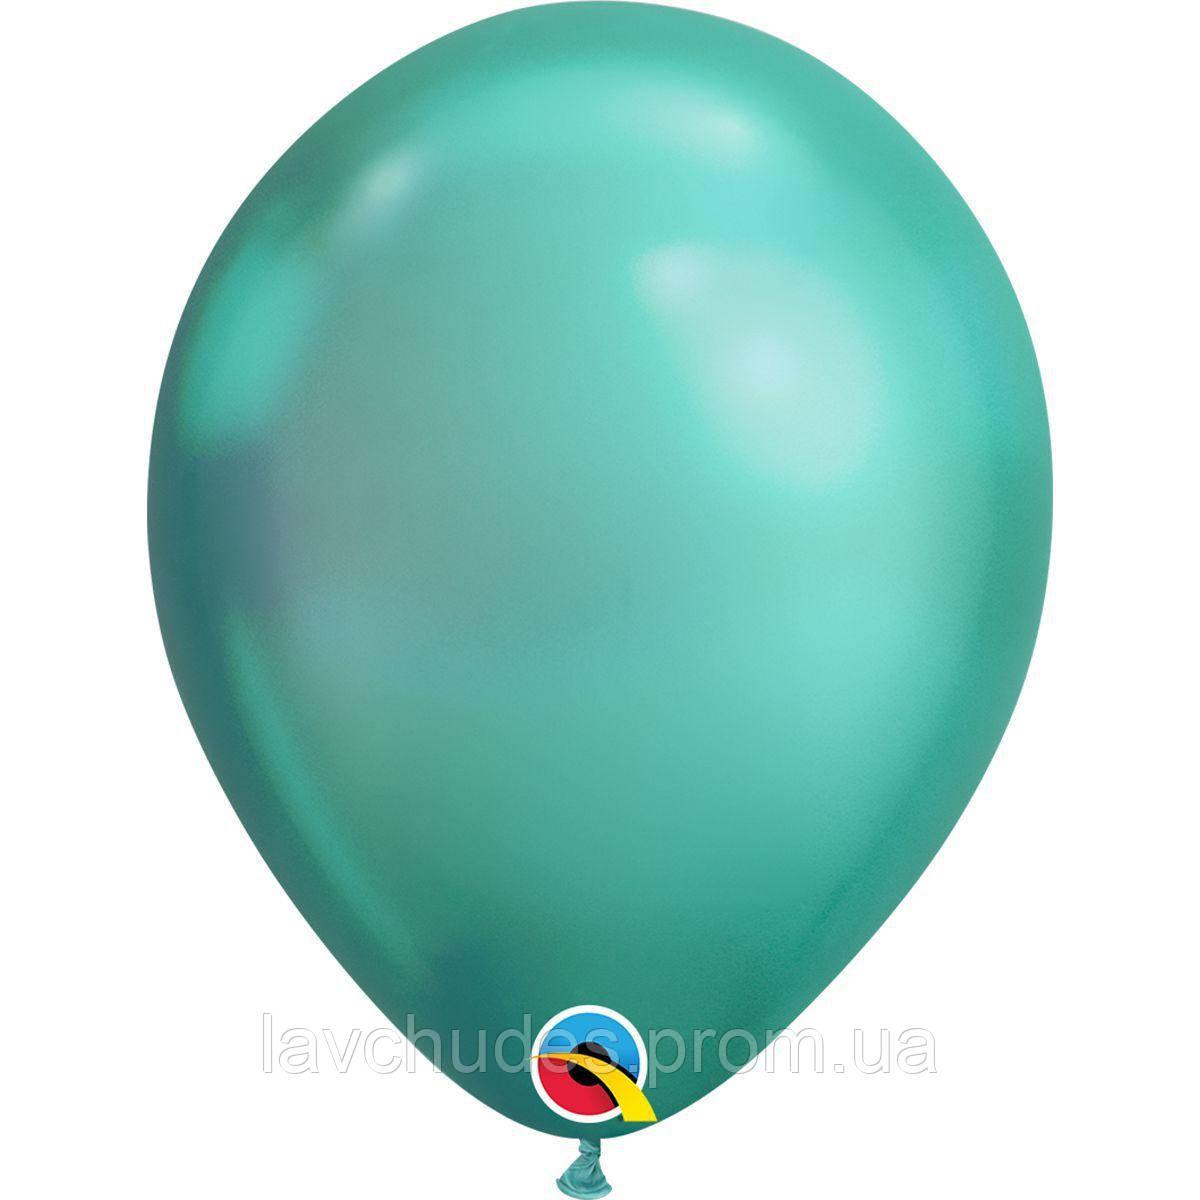 Гелиевые шары Хром - зеленый chrome green.  Гелиевые шары Киев. Гелиевые шары с доставкой по Киеву.